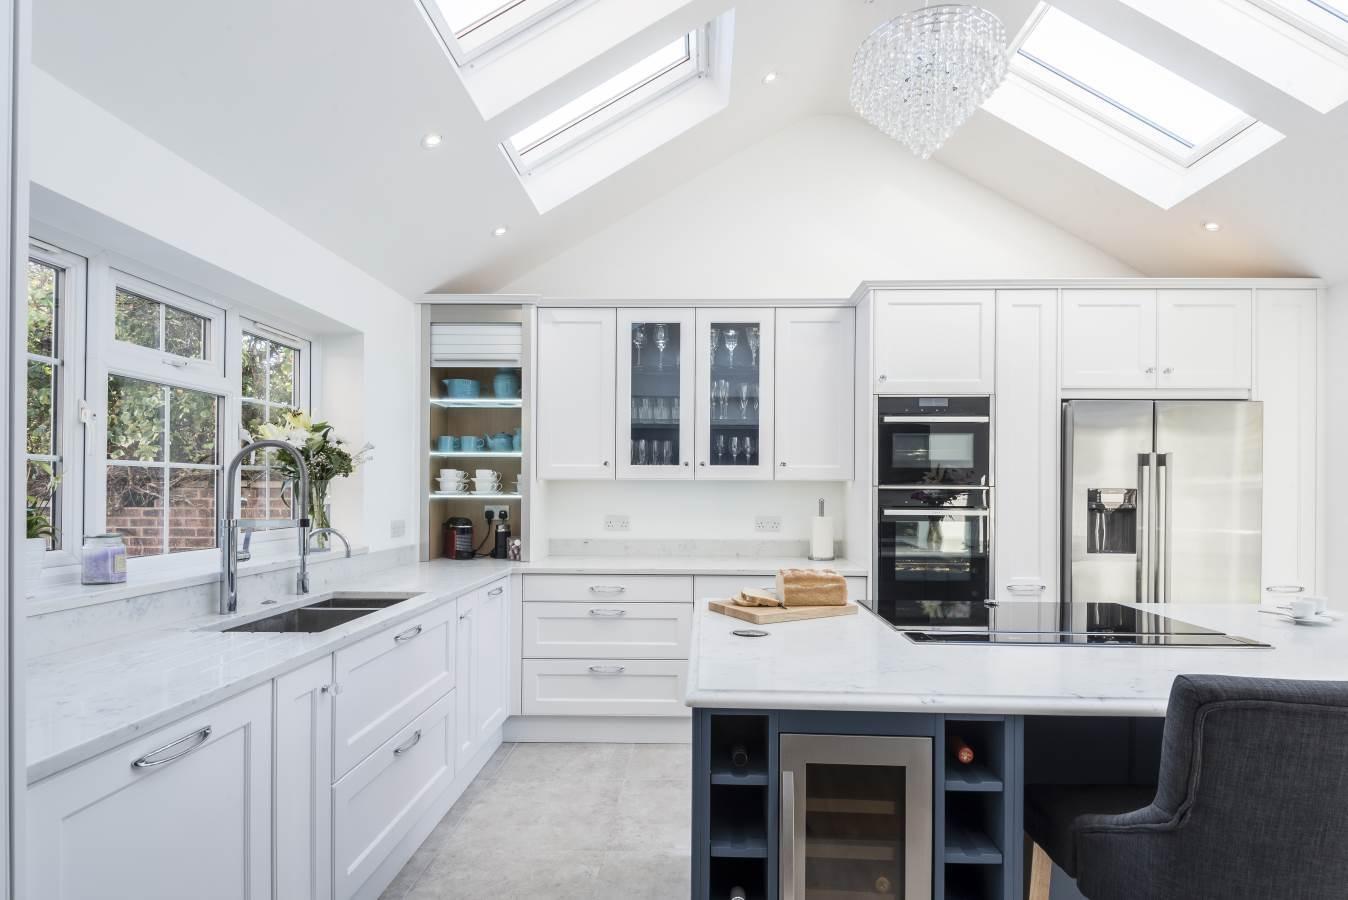 Shaker Kitchens Berkshire - Anthony Mullan furniture